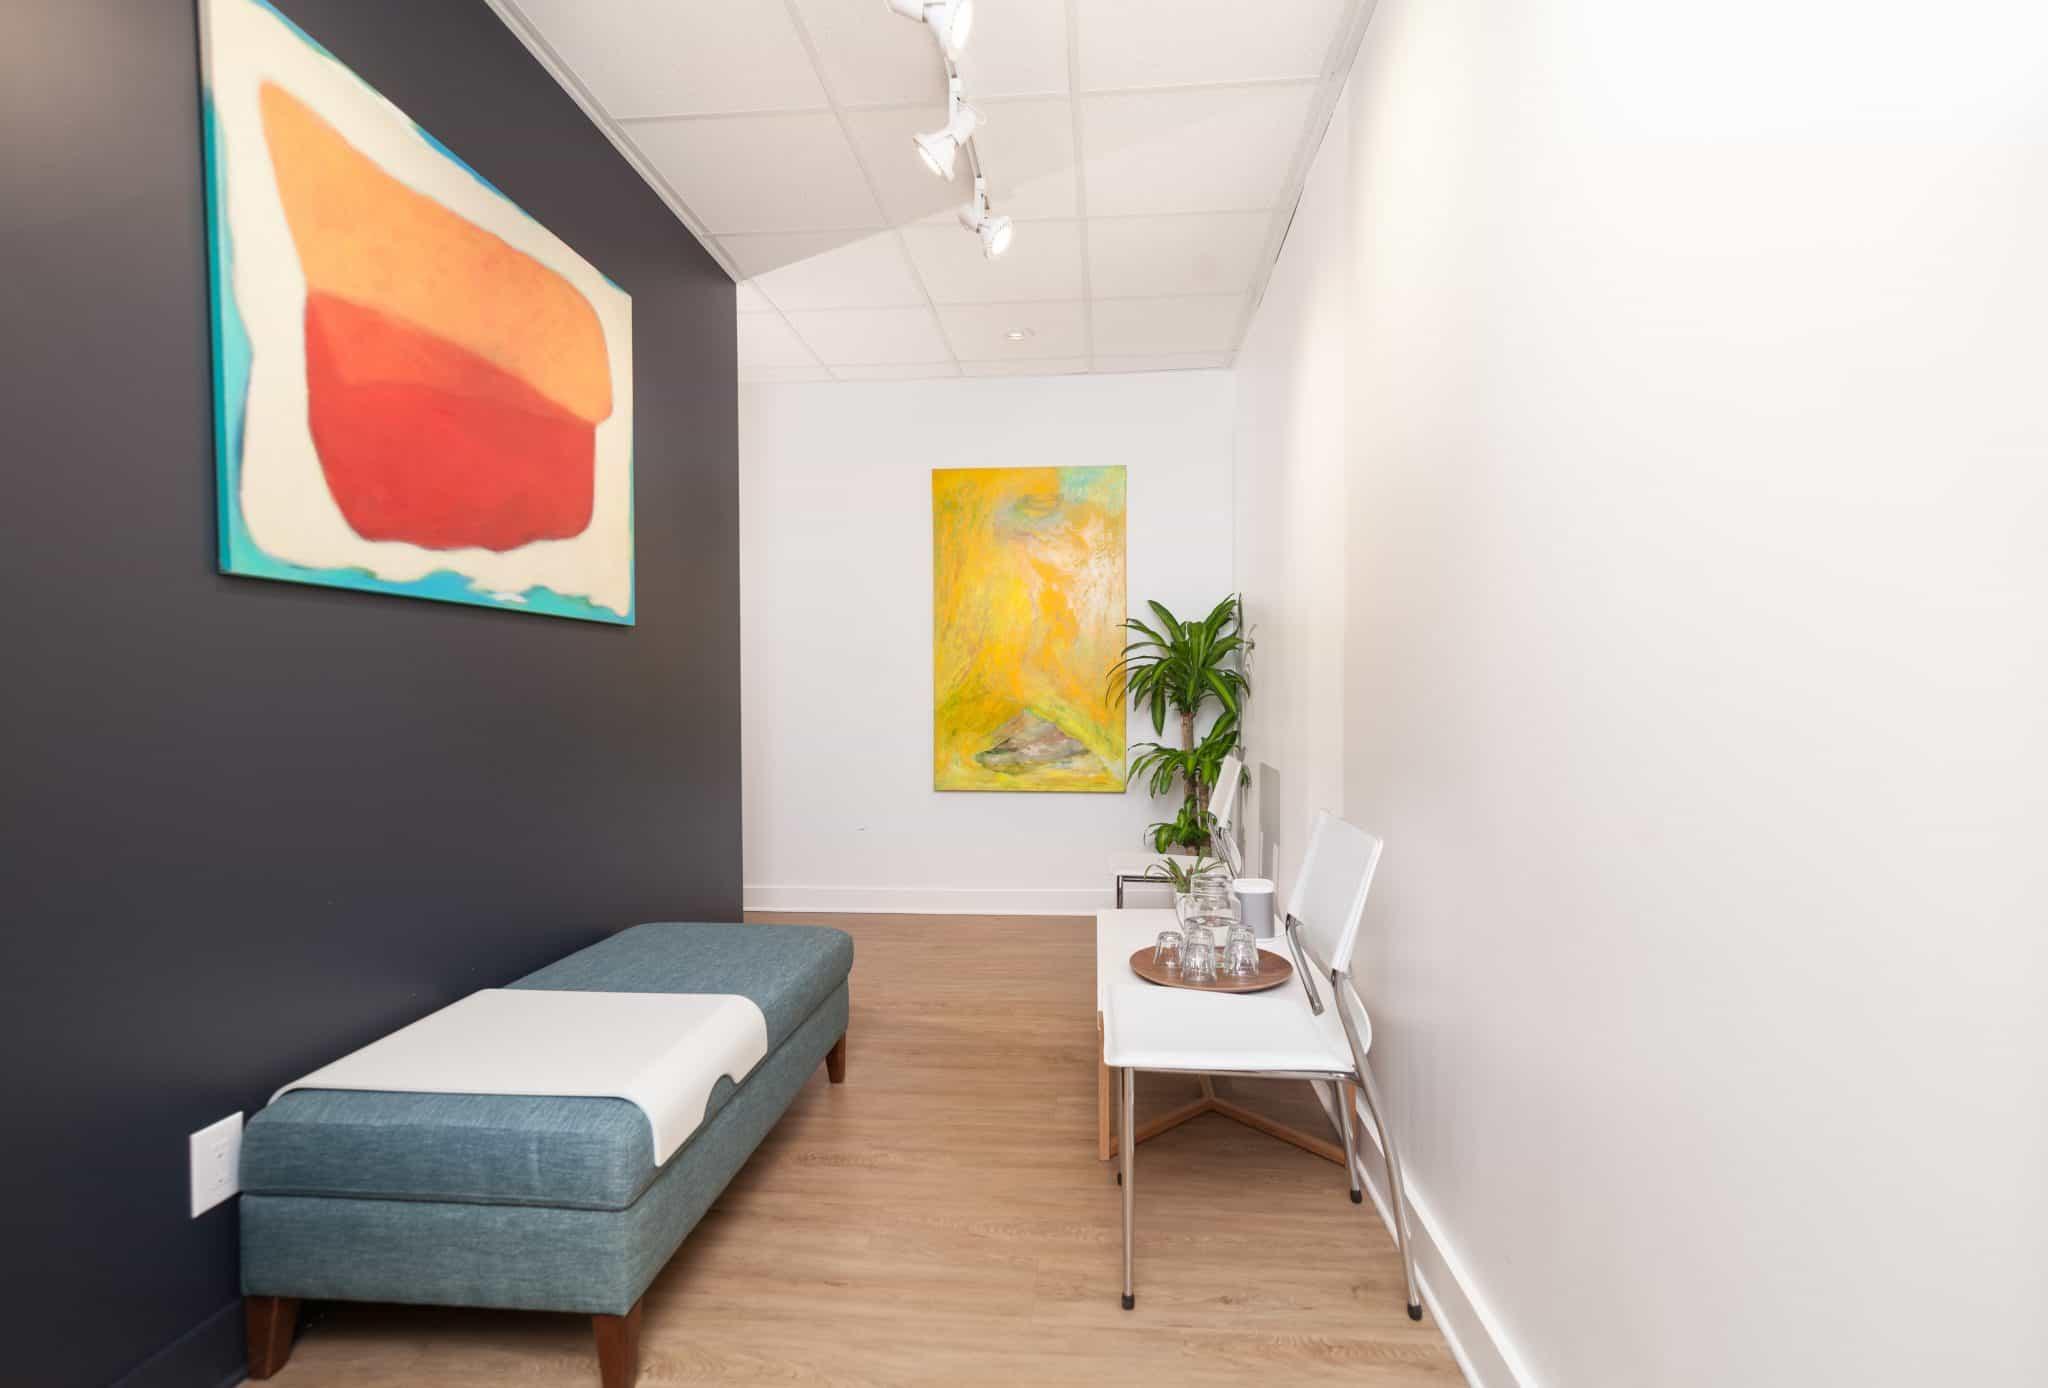 Réception clinique kiné santé